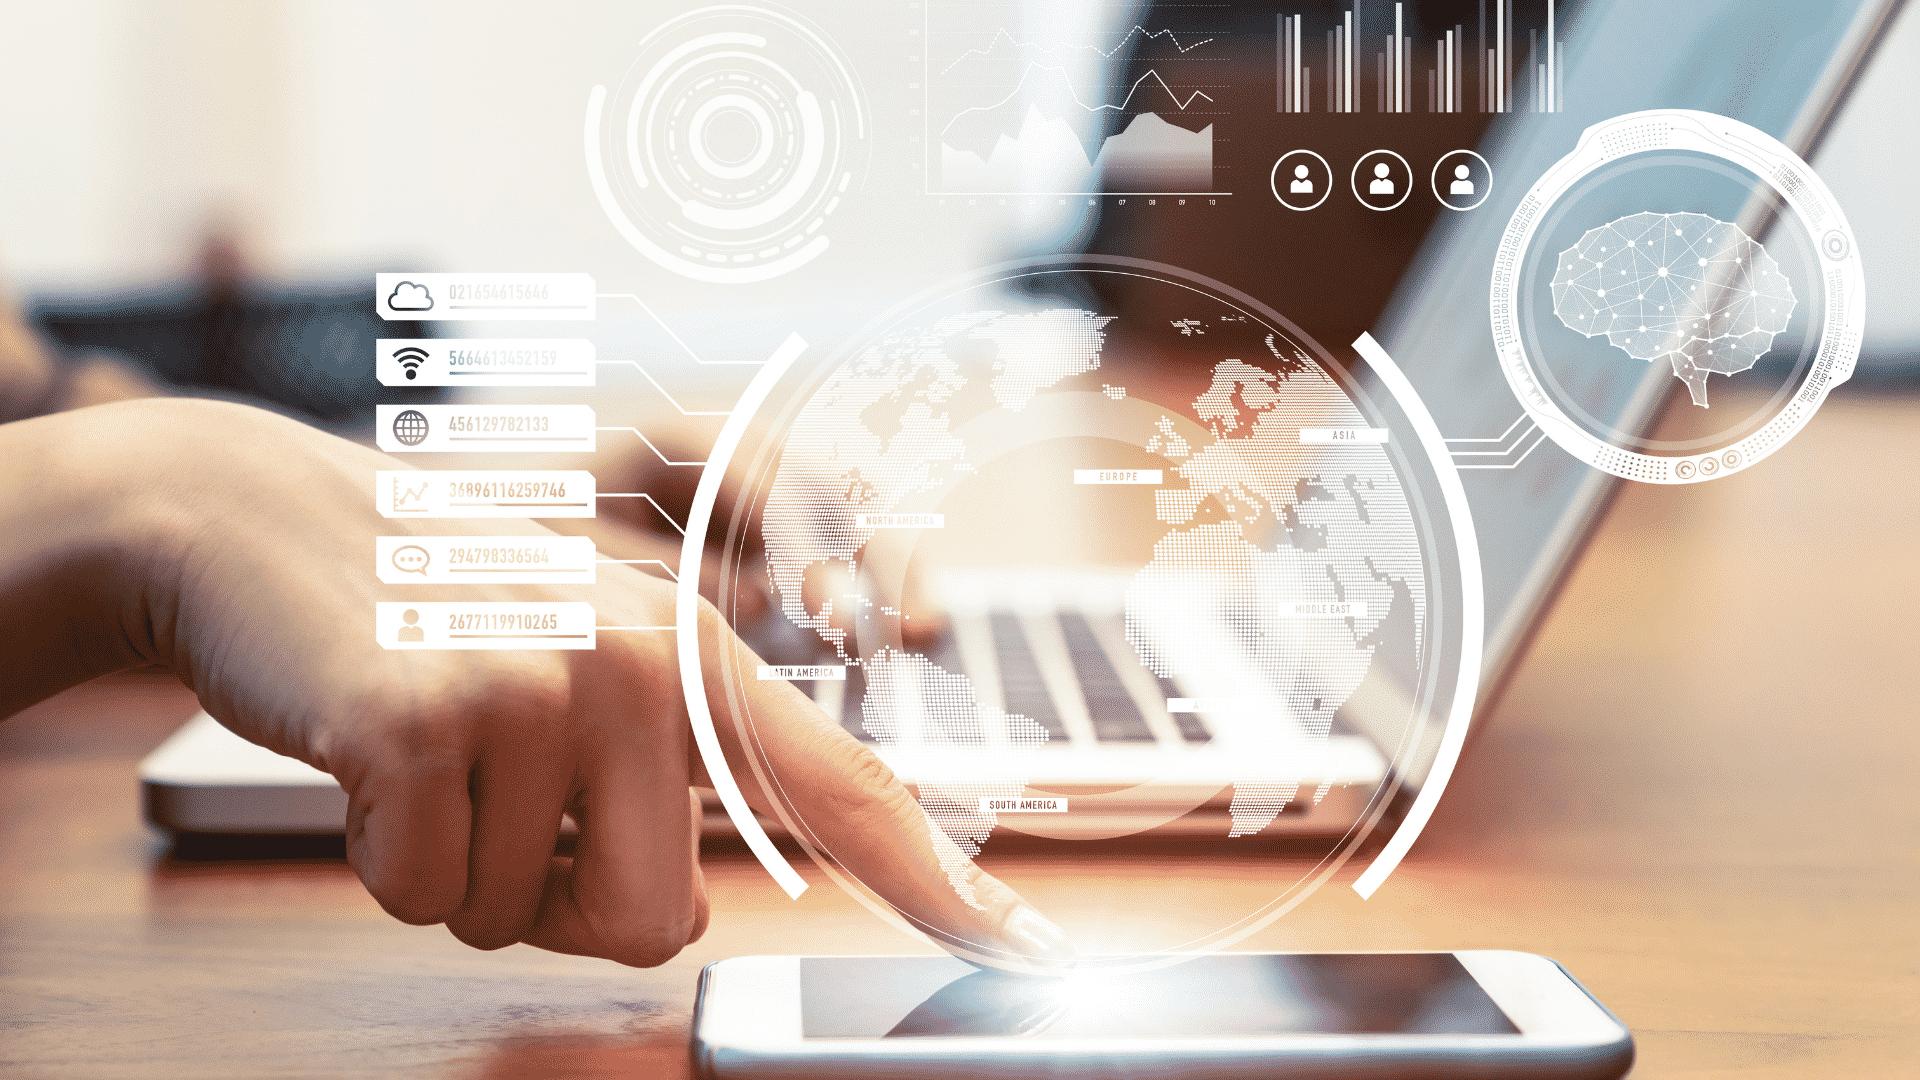 Setor de tecnologia um mercado em expansao no Brasil Setor de tecnologia: um mercado em expansão no Brasil